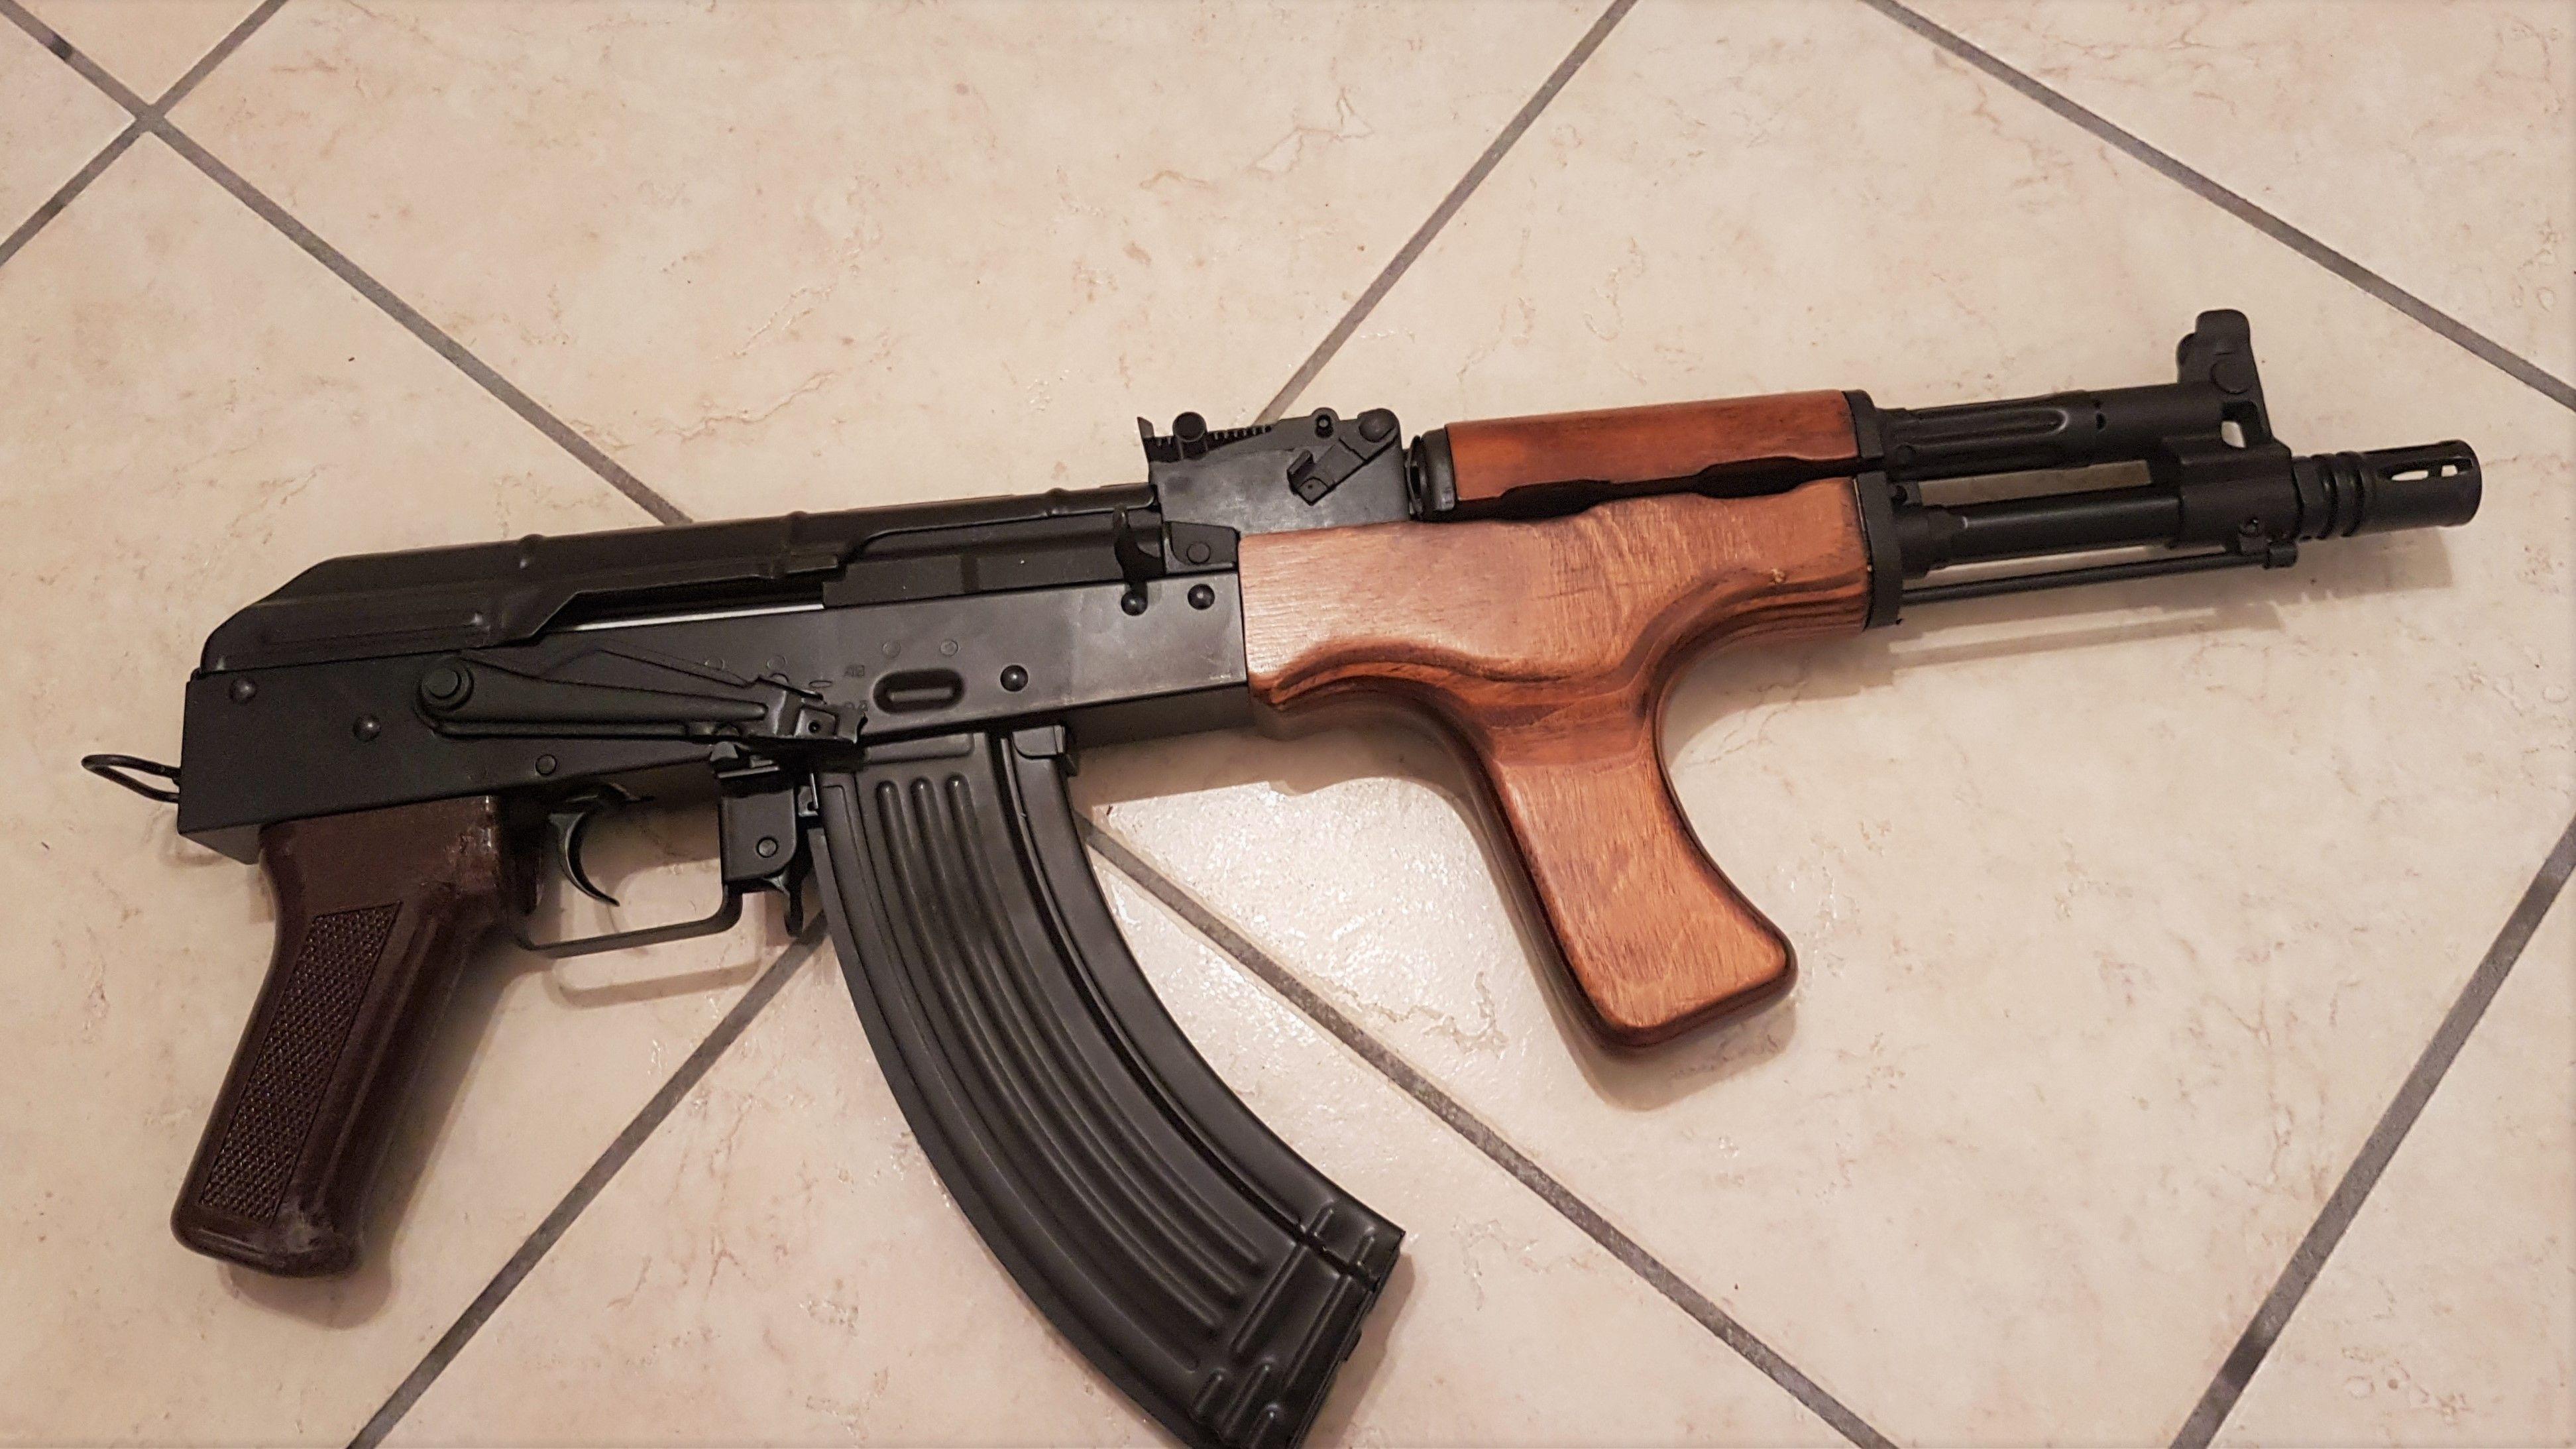 Vends AK LCT AK AIM Carbine  543b221cb3b76074d58fdf167e96dc36